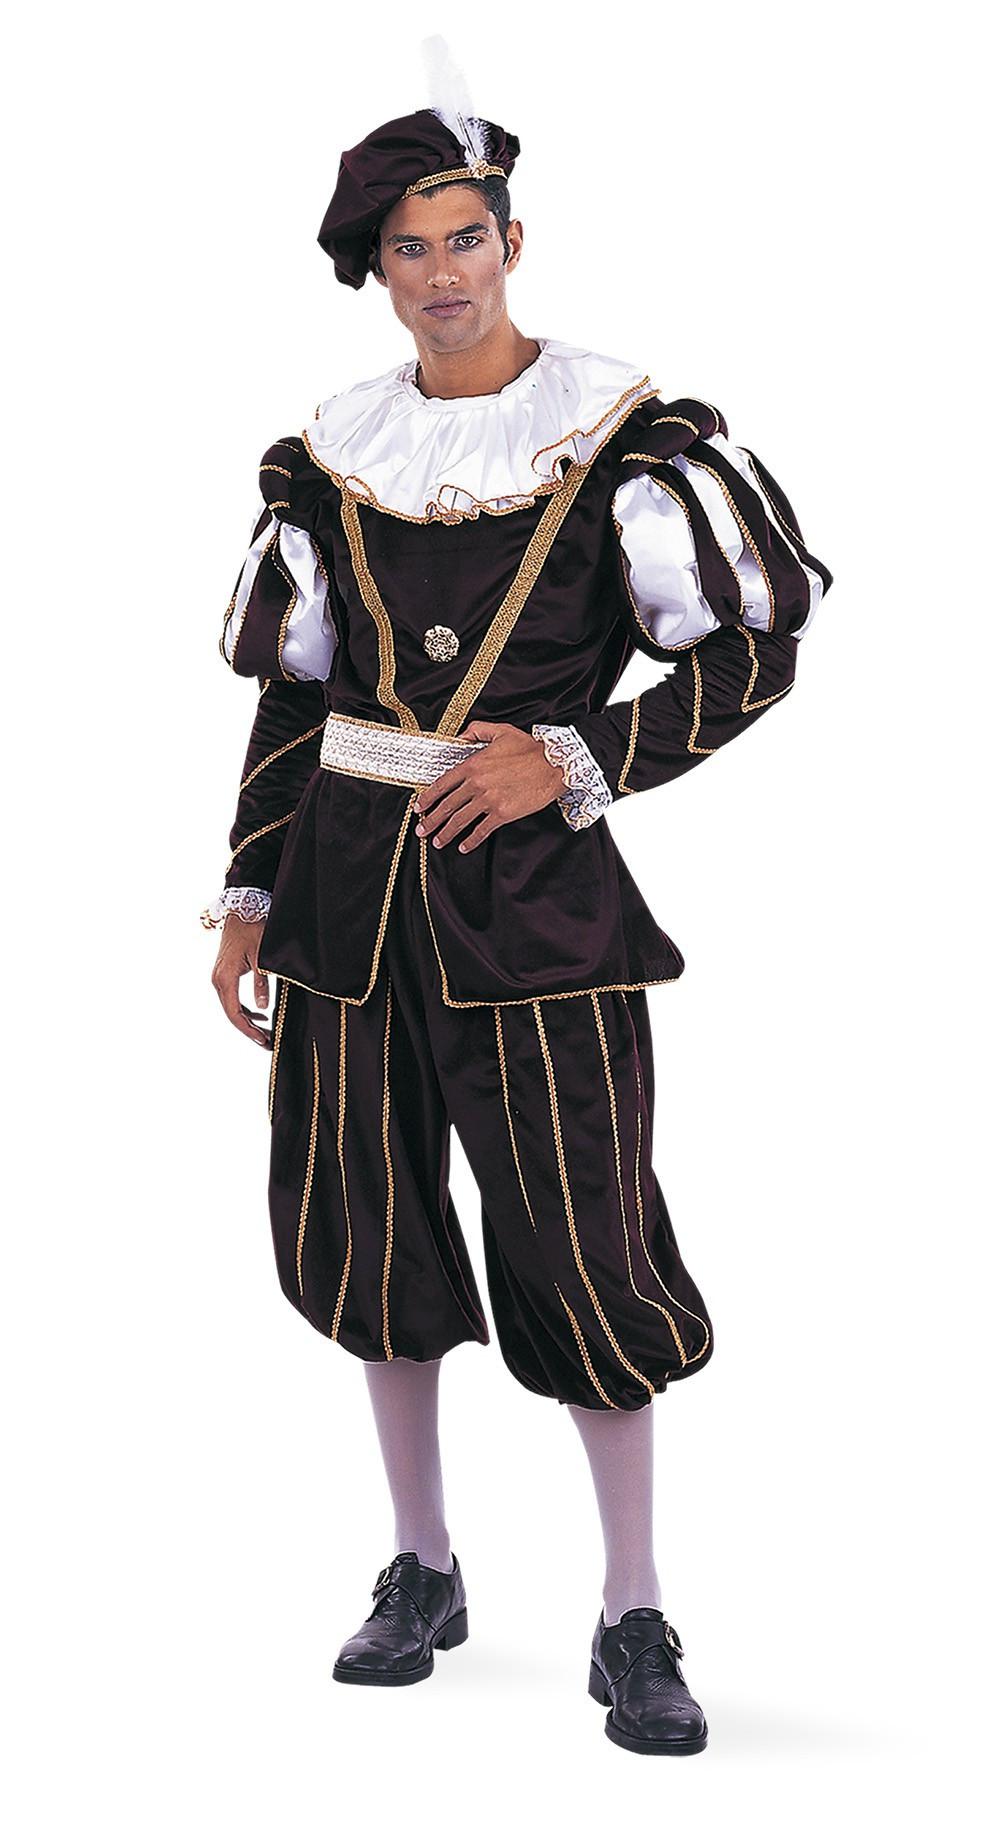 Déguisement Prince de la Renaissance homme Théâtre Luxe